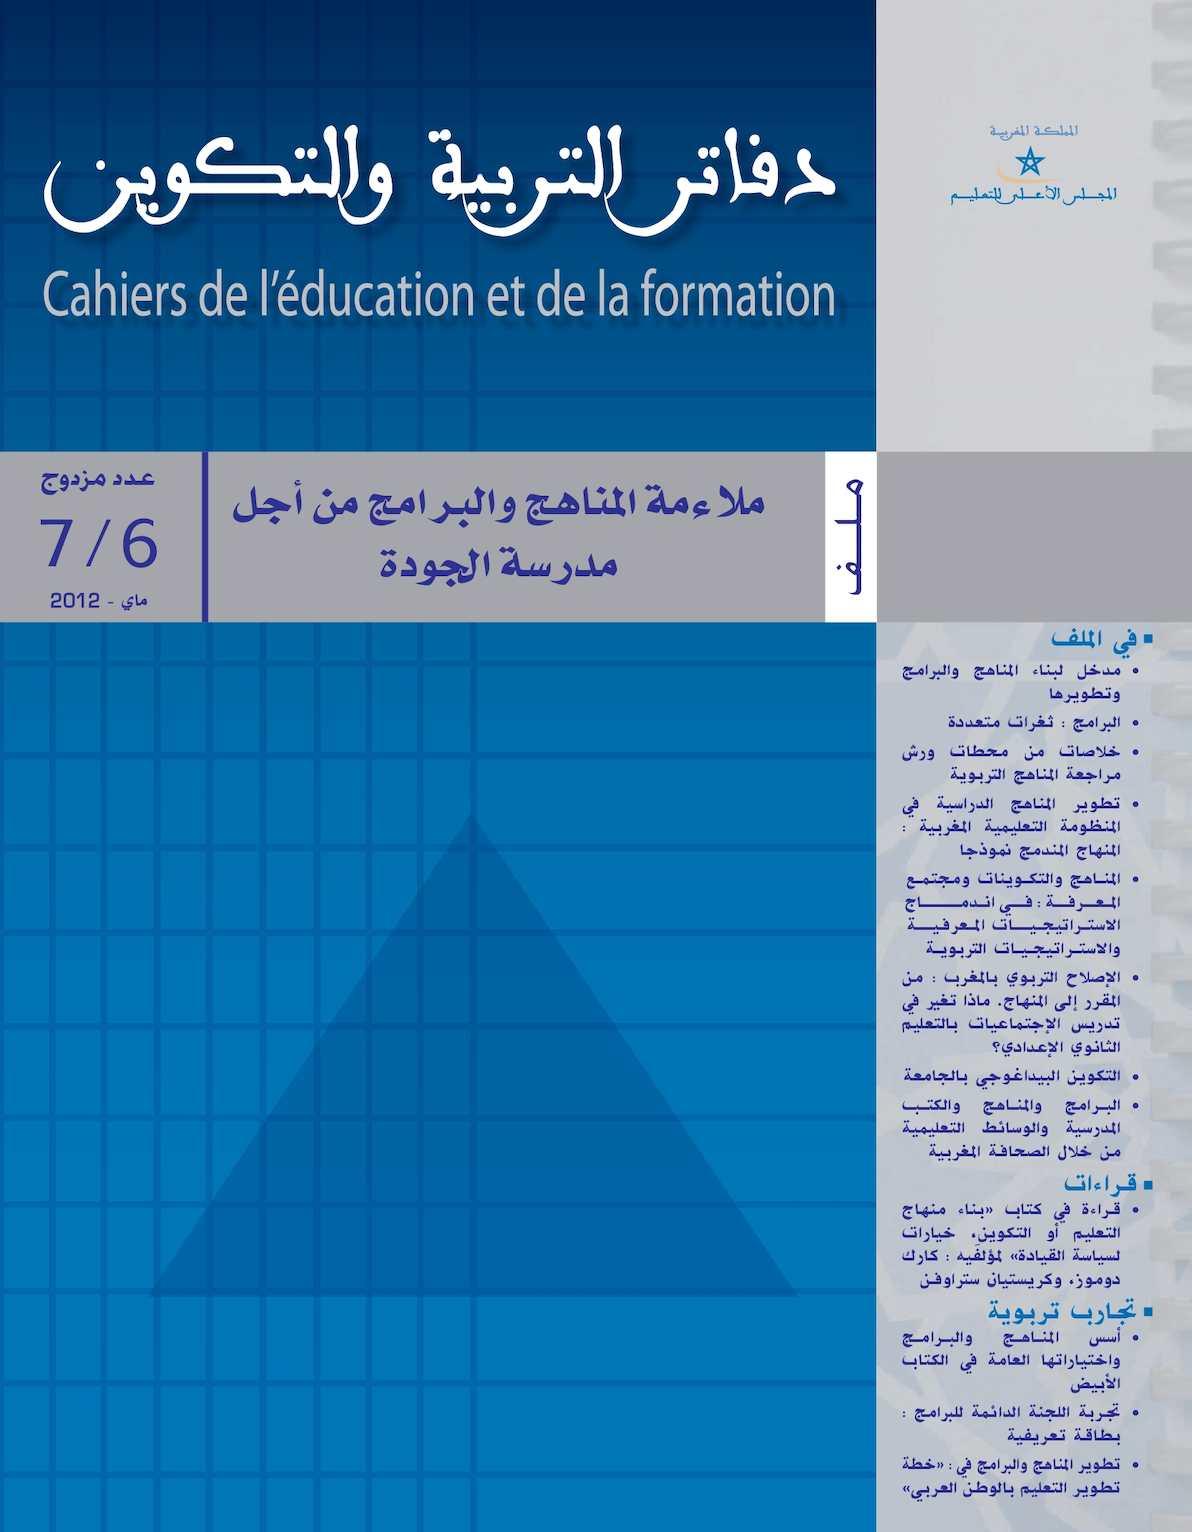 دفاتر التربية و التكوين عدد 6-7 : ملاءمة المناهج و البرامج من أجل مدرسة الجودة.